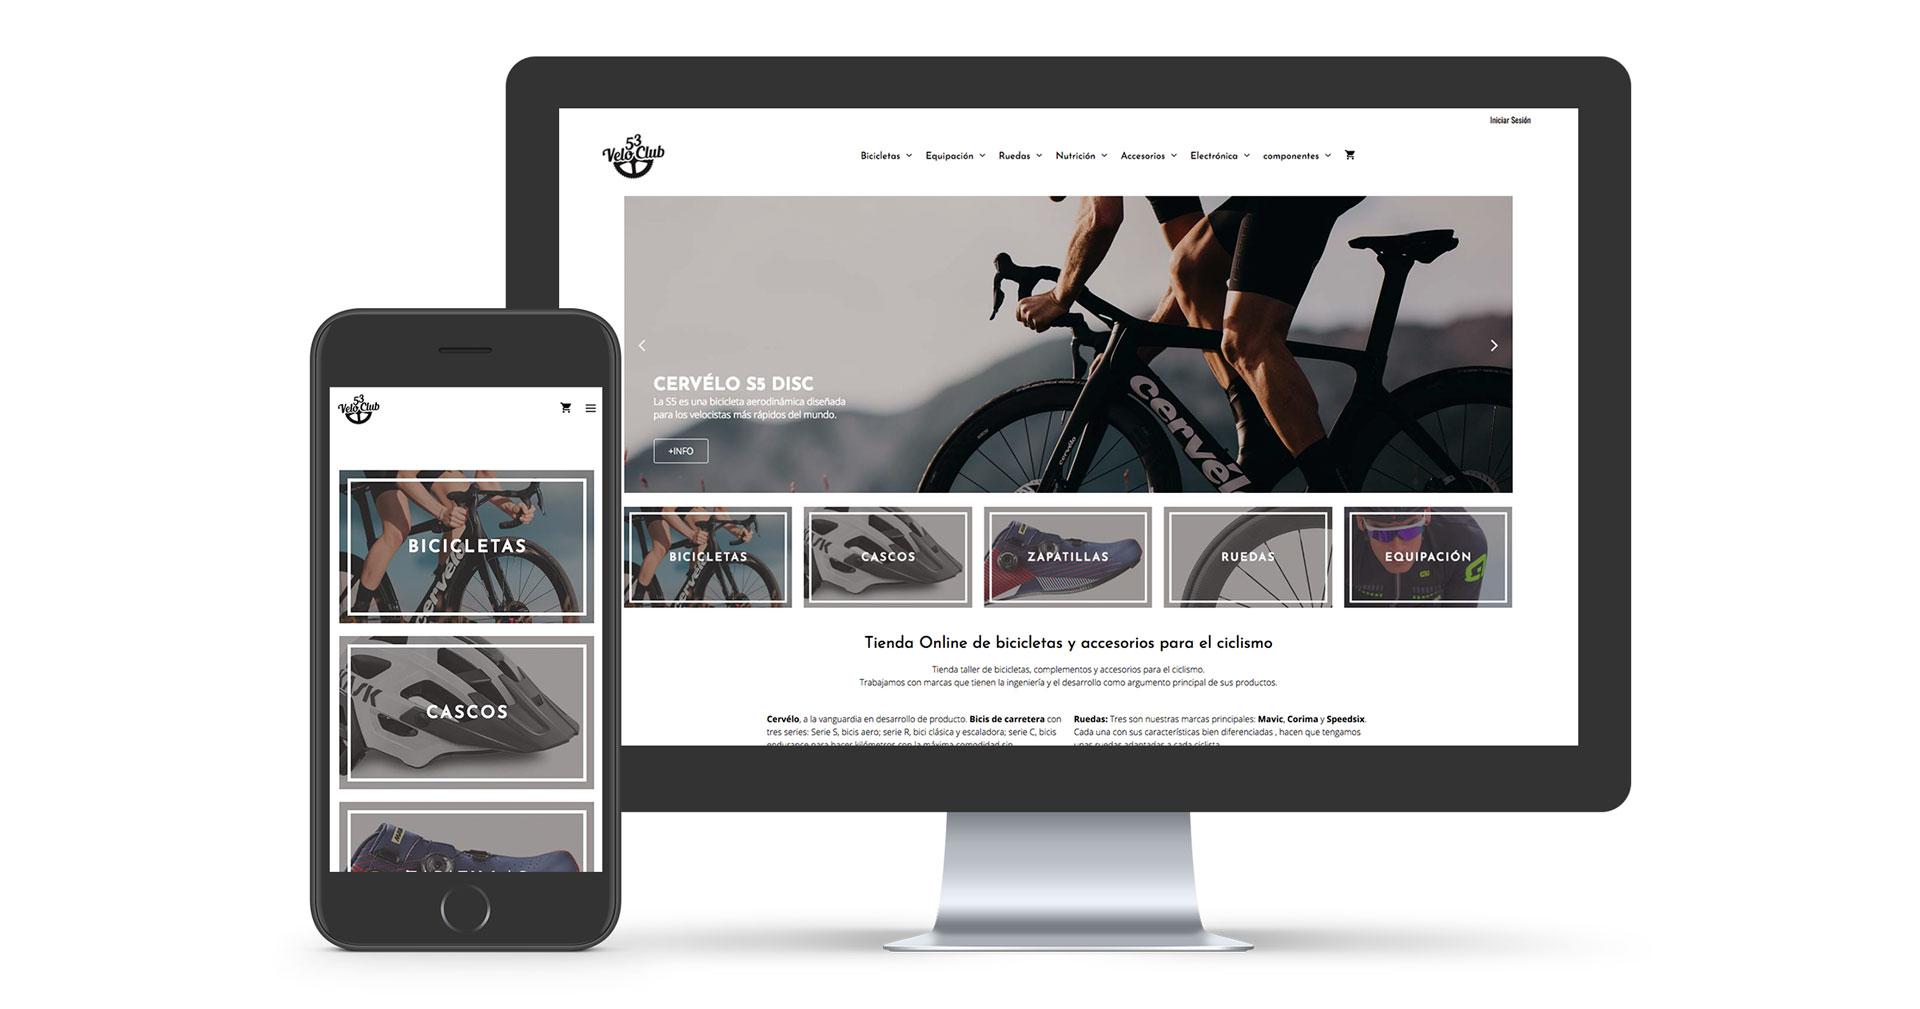 veloclub53 tienda online bicicletas huesca